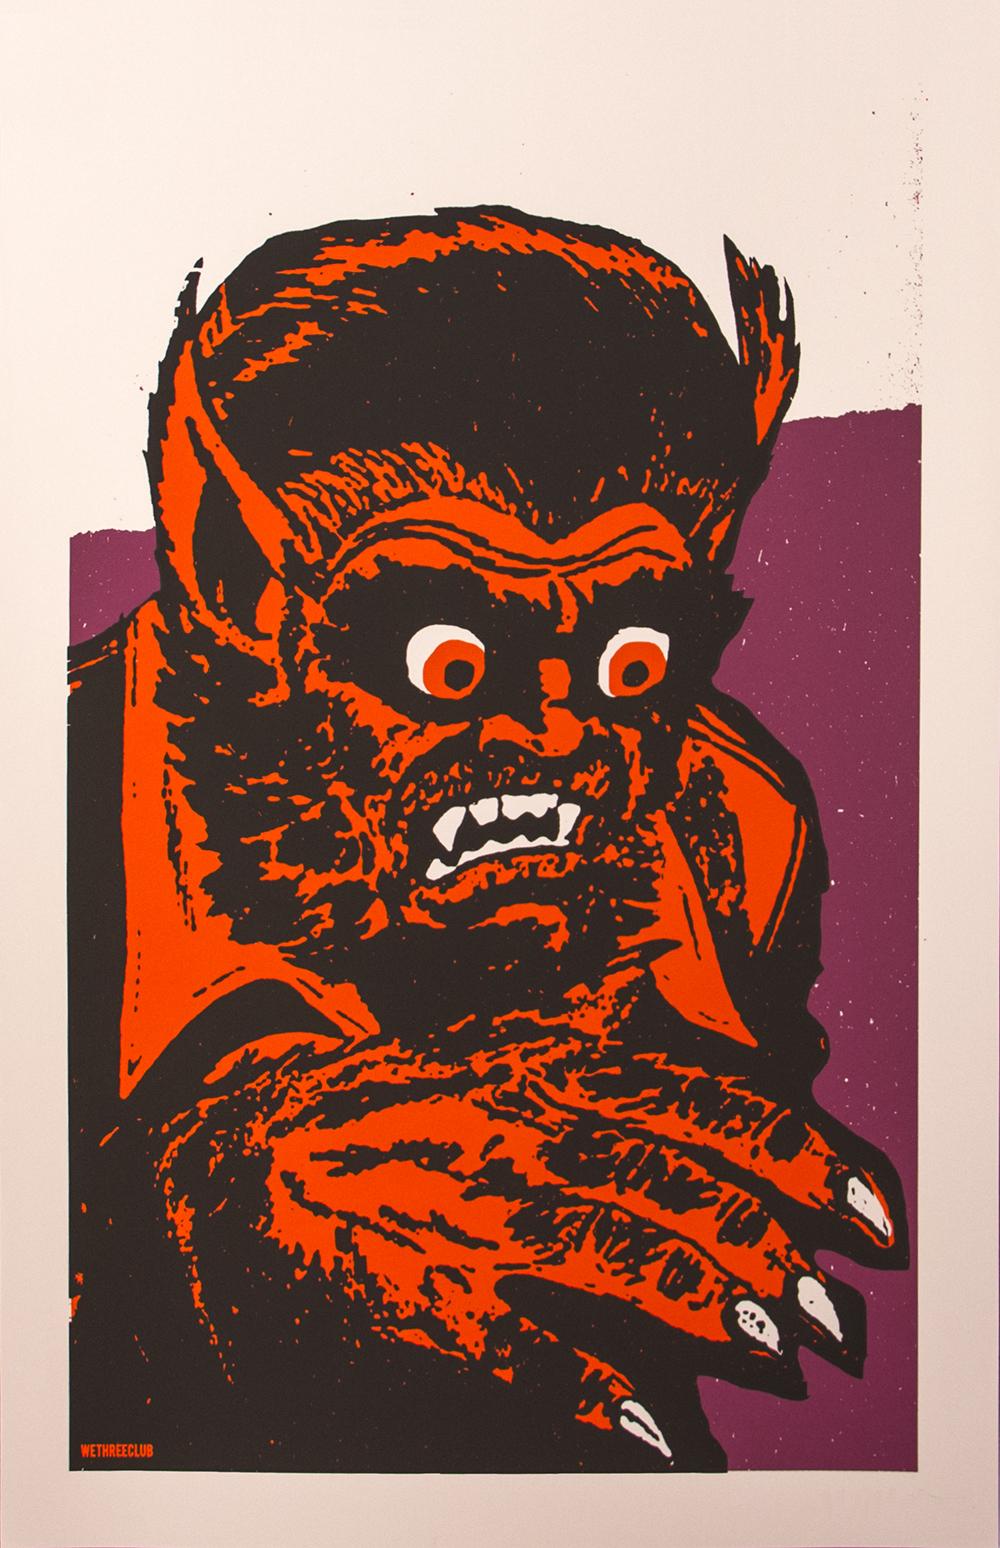 wethreeclub_werewolf